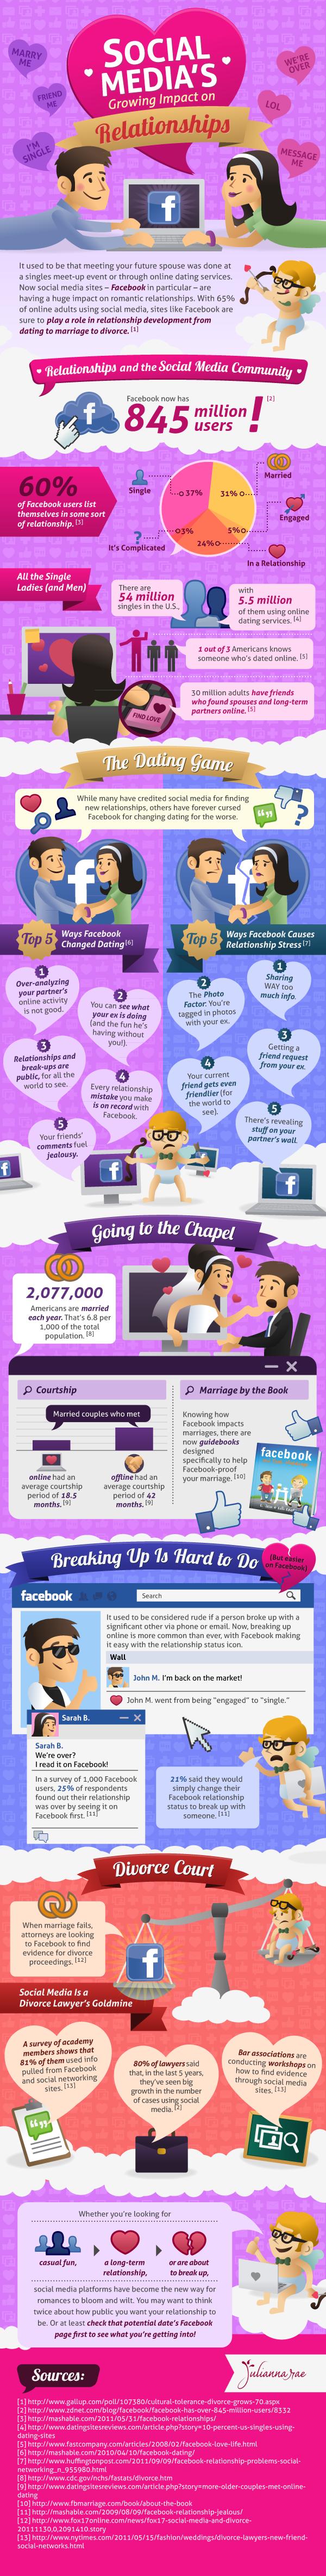 impacto de las redes sociales